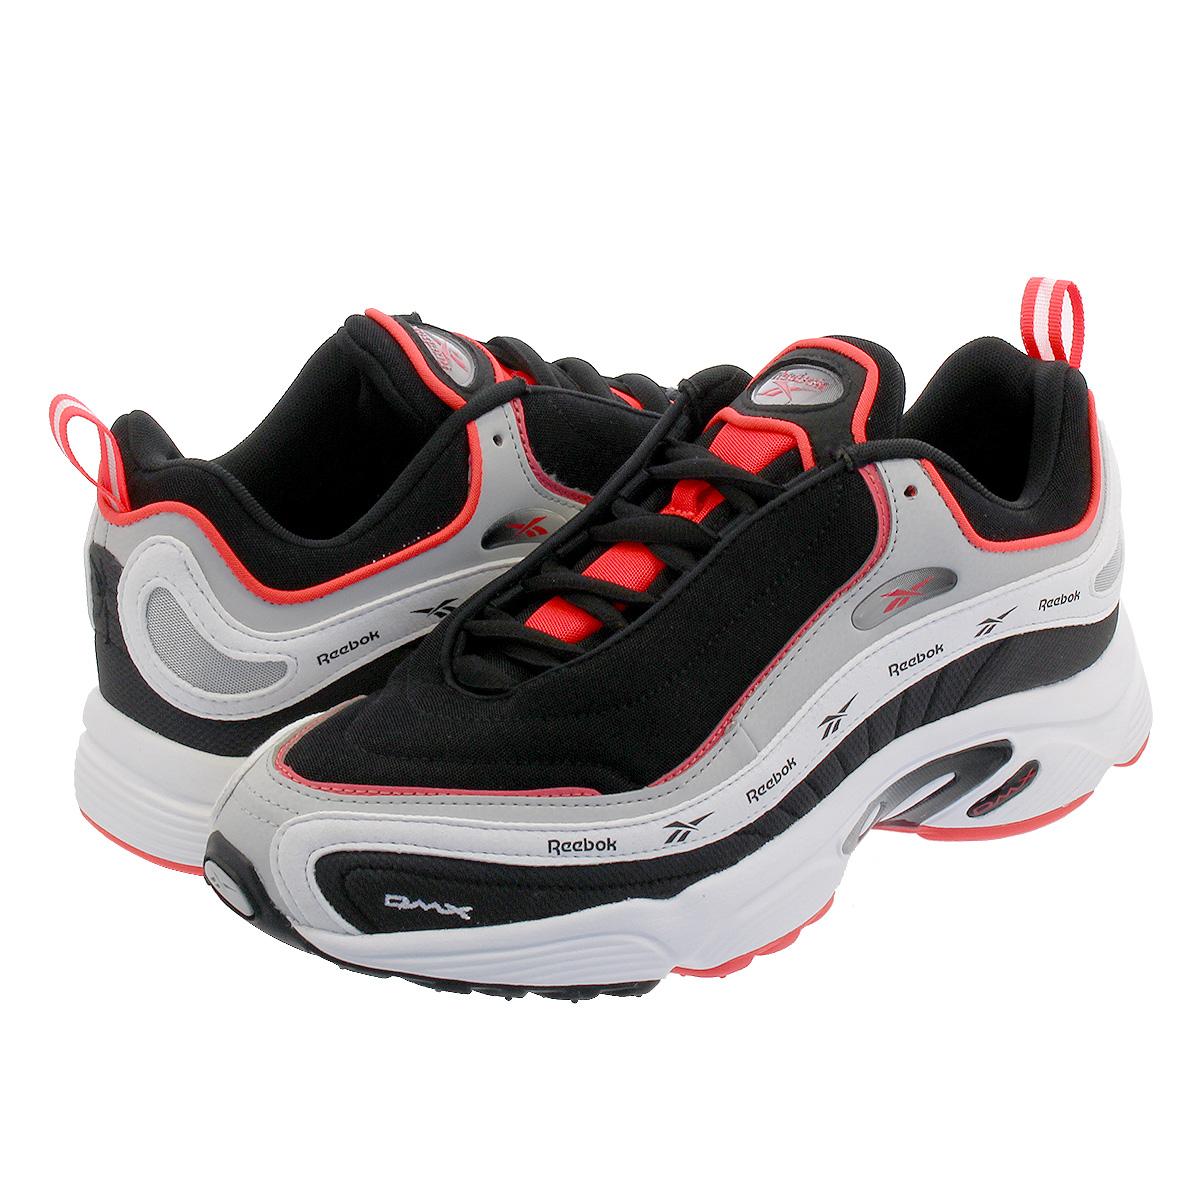 【お買い物マラソンSALE】 Reebok DAYTONA DMX VECTOR リーボック デイトナ DMX ベクター BLACK/SKULL GREY/WHITE/NEON RED dv3891